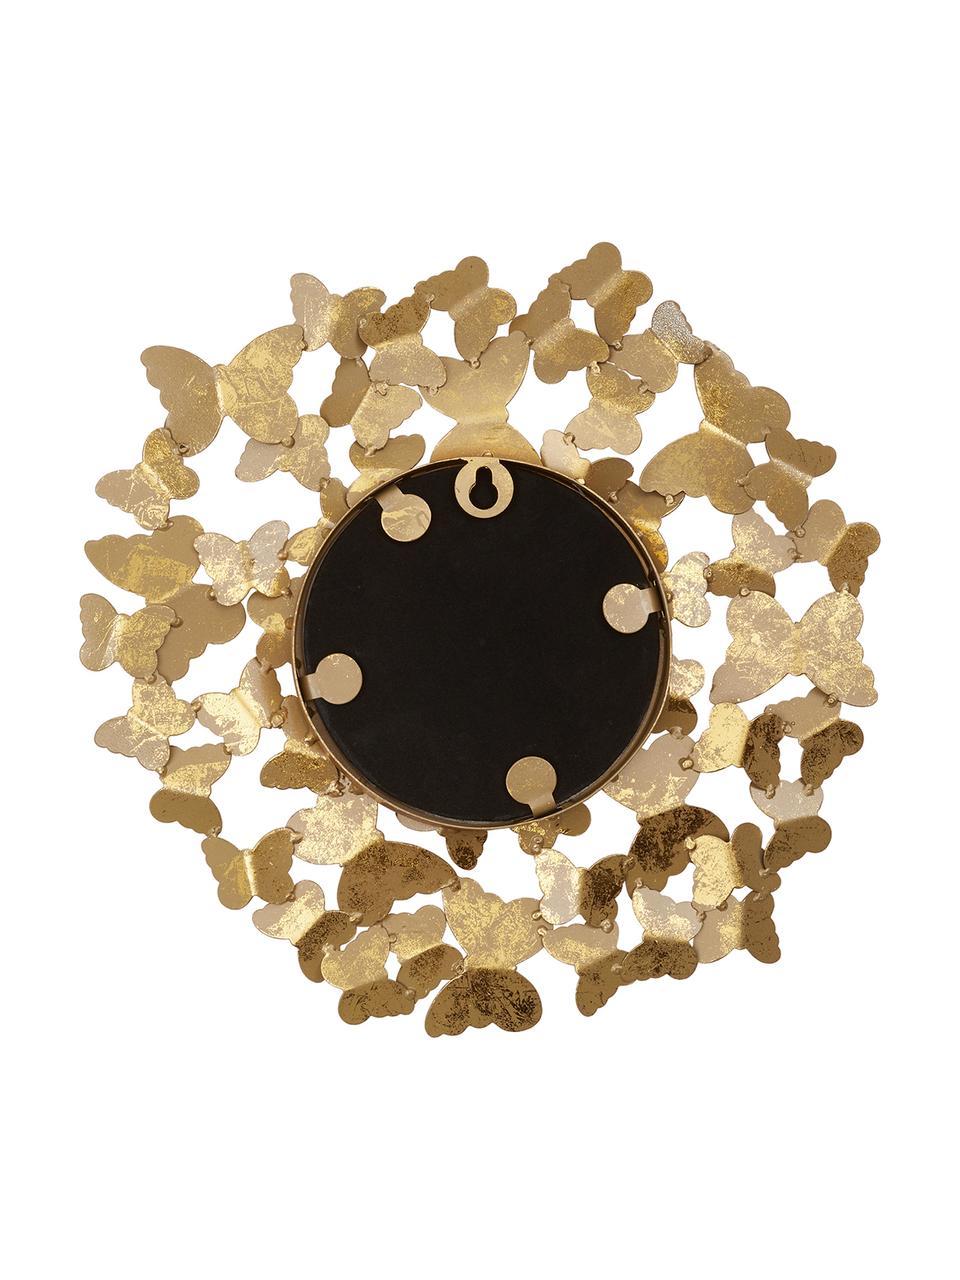 Runder Wandspiegel Butterfly mit Goldrahmen in Antik-Optik, Rahmen: Metall, Rückseite: Mitteldichte Holzfaserpla, Spiegelfläche: Spiegelglas, Goldfarben, Ø 67 cm